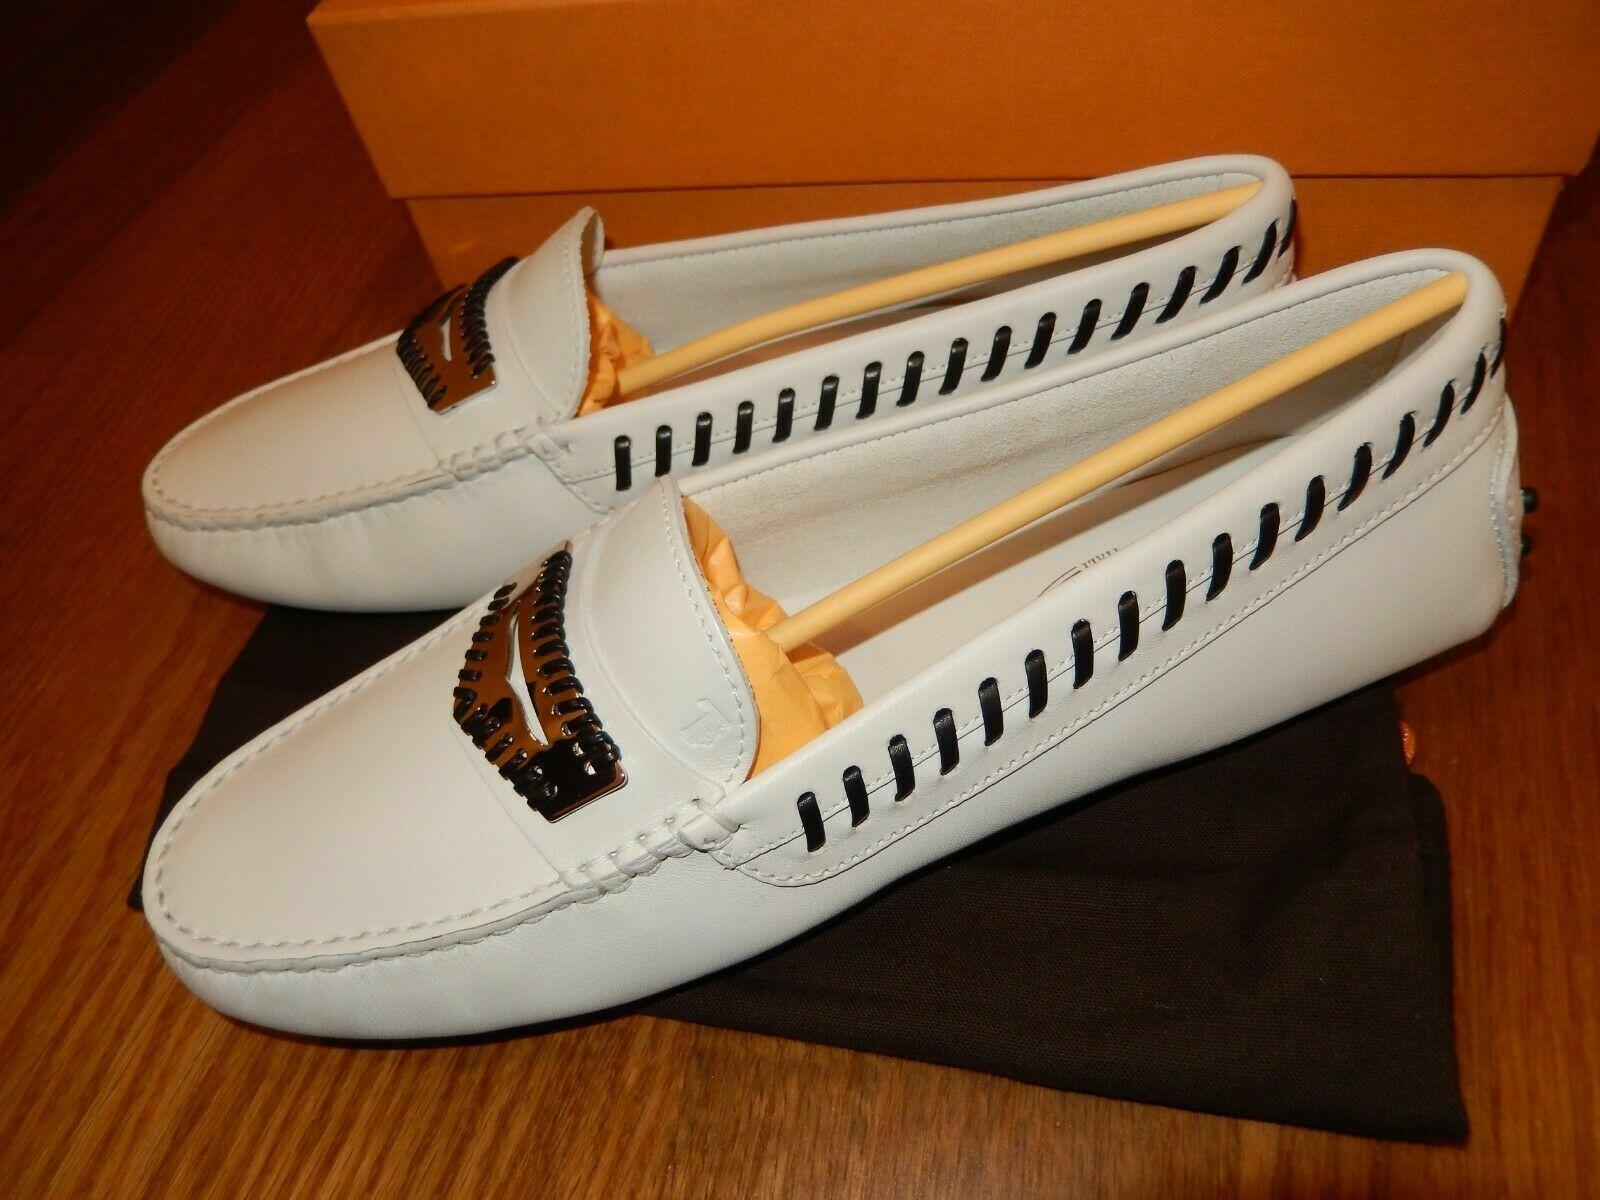 Tod's, mujermokassins, loafers, blancoo, cuero genuino, talla 41, nuevo con caja de cartón